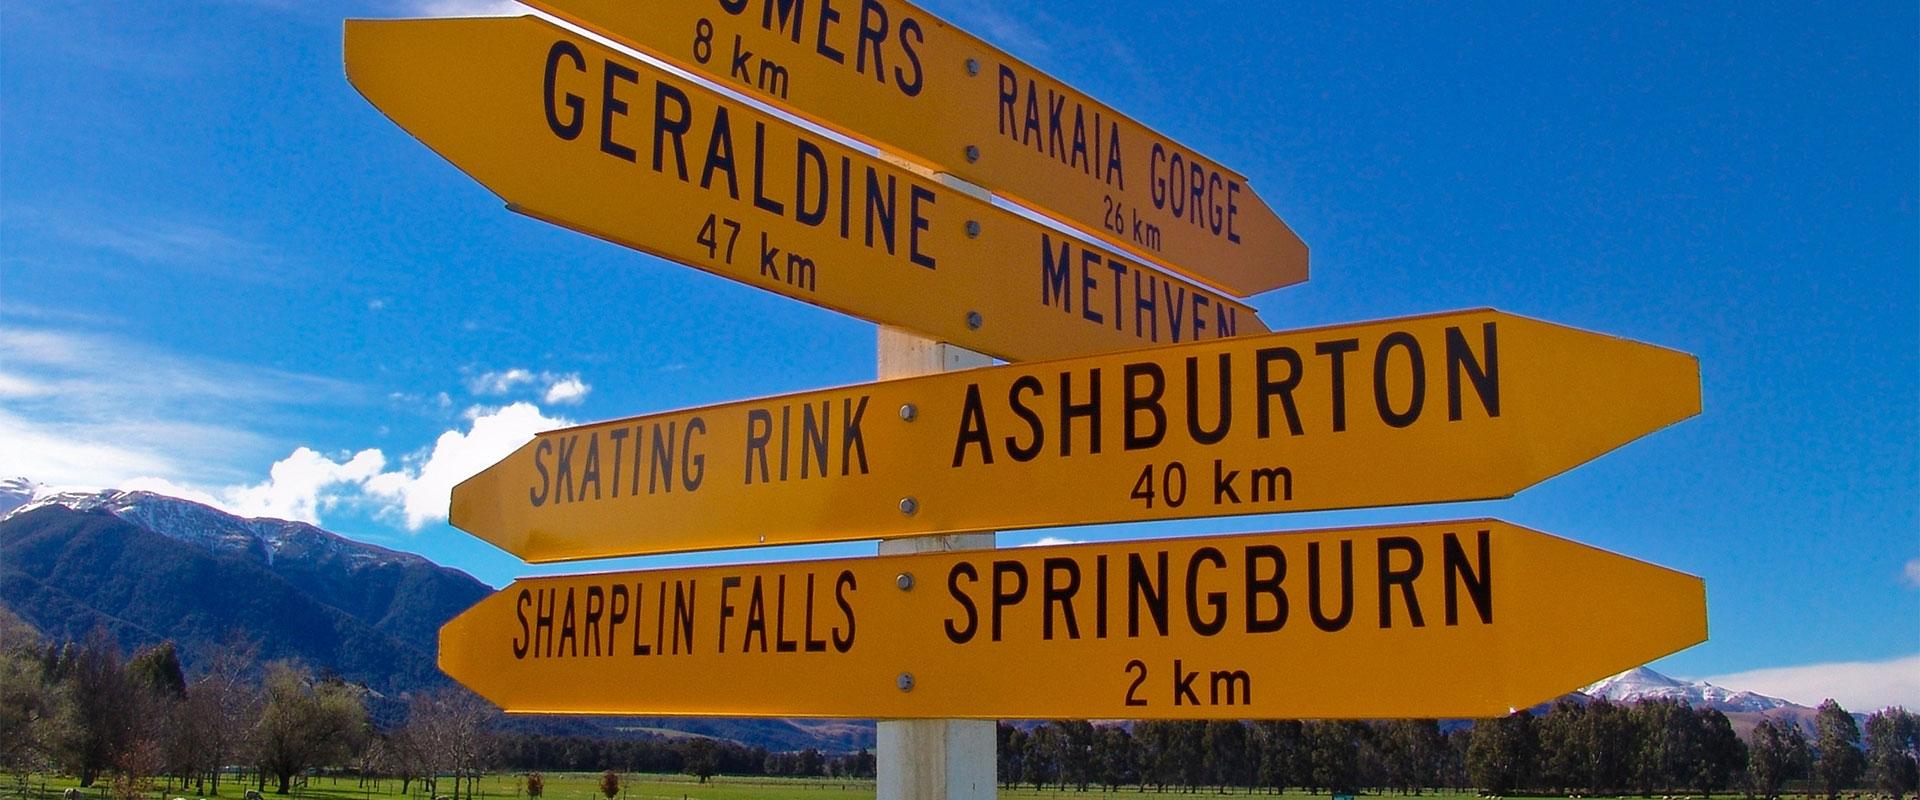 geraldine road sign